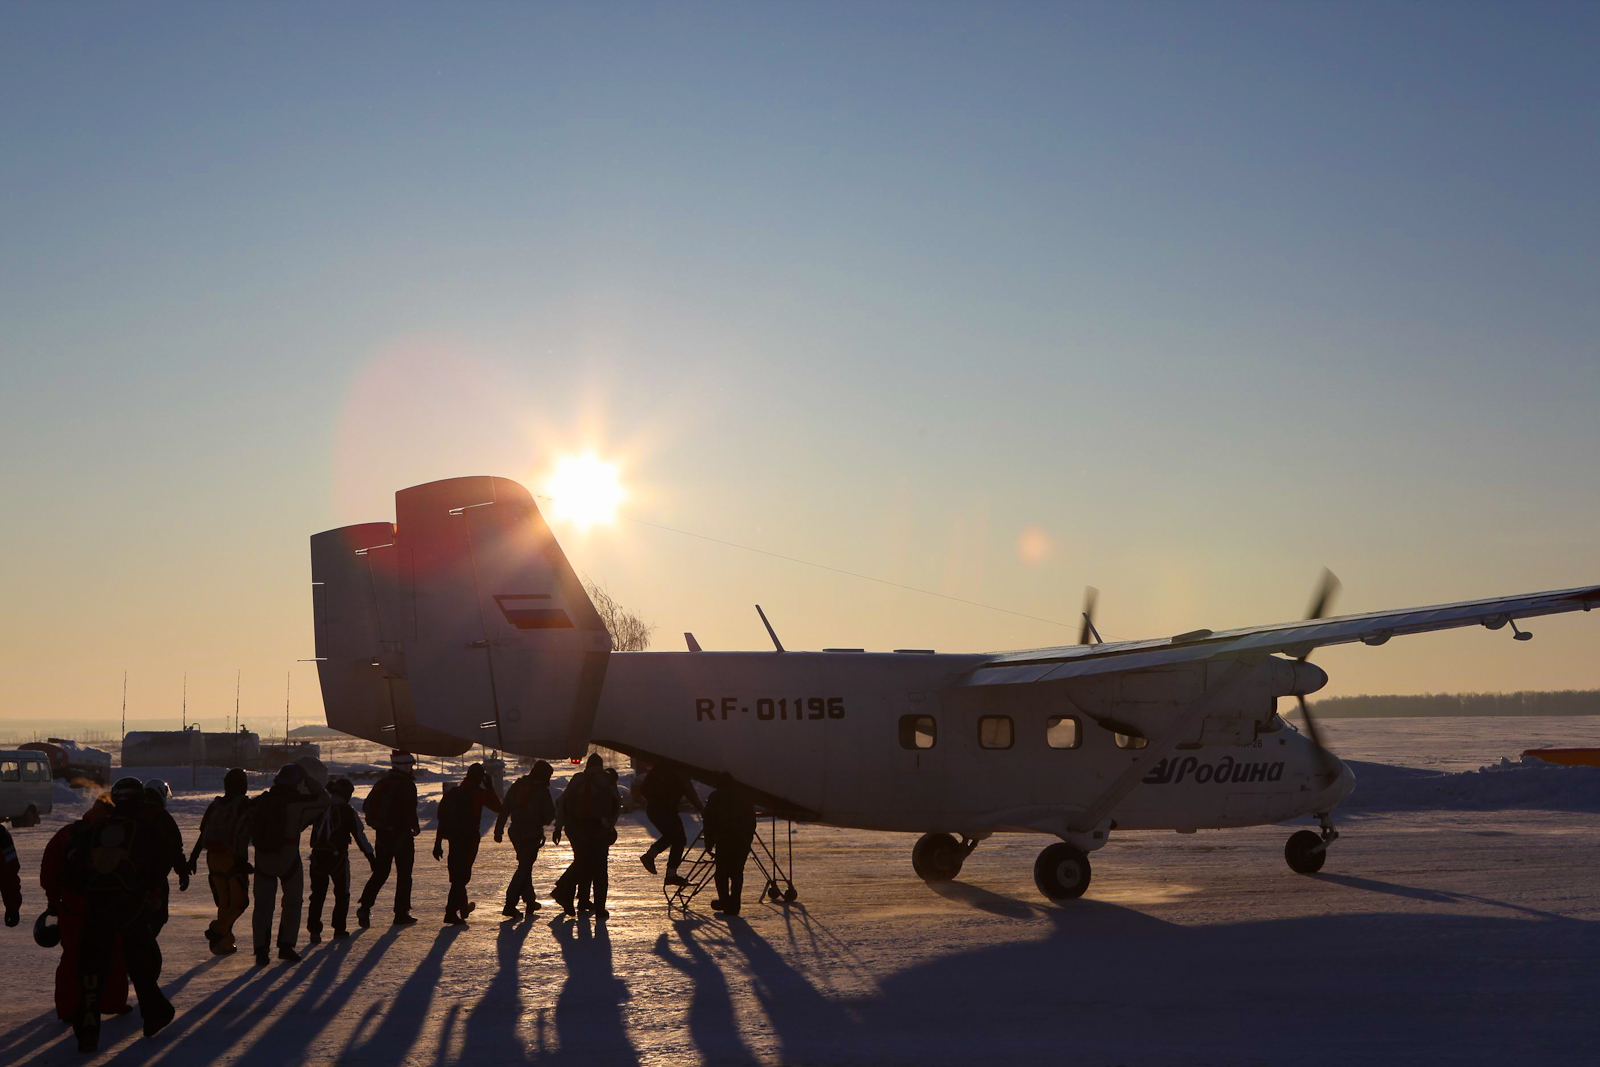 Airplane, Air, Aircraft, Airline, Aviation, HQ Photo